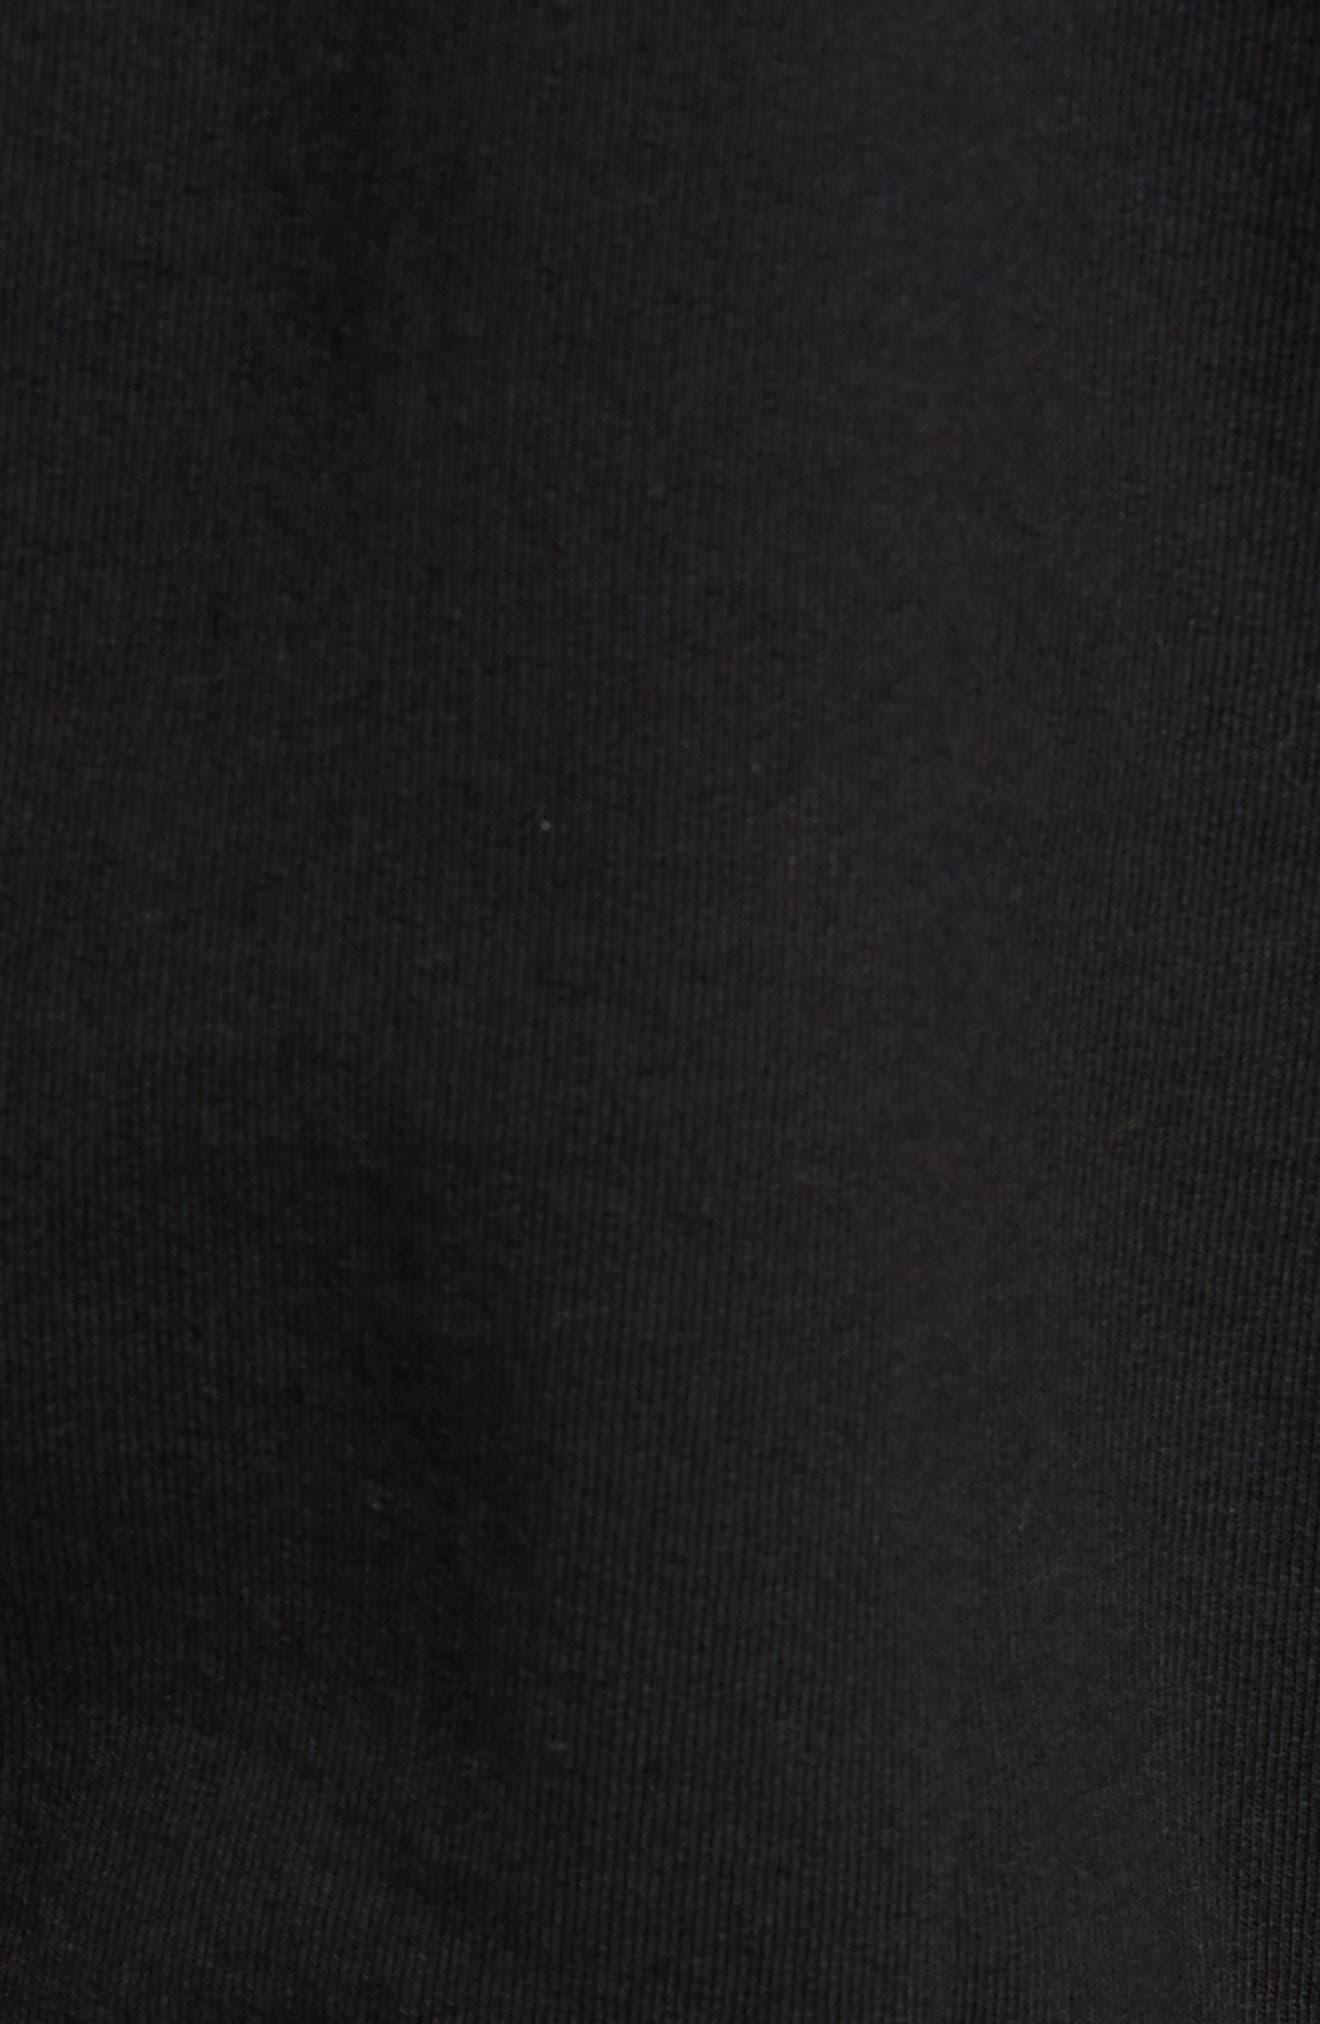 Varsity Heavyweight Terry Jacket,                             Alternate thumbnail 6, color,                             001